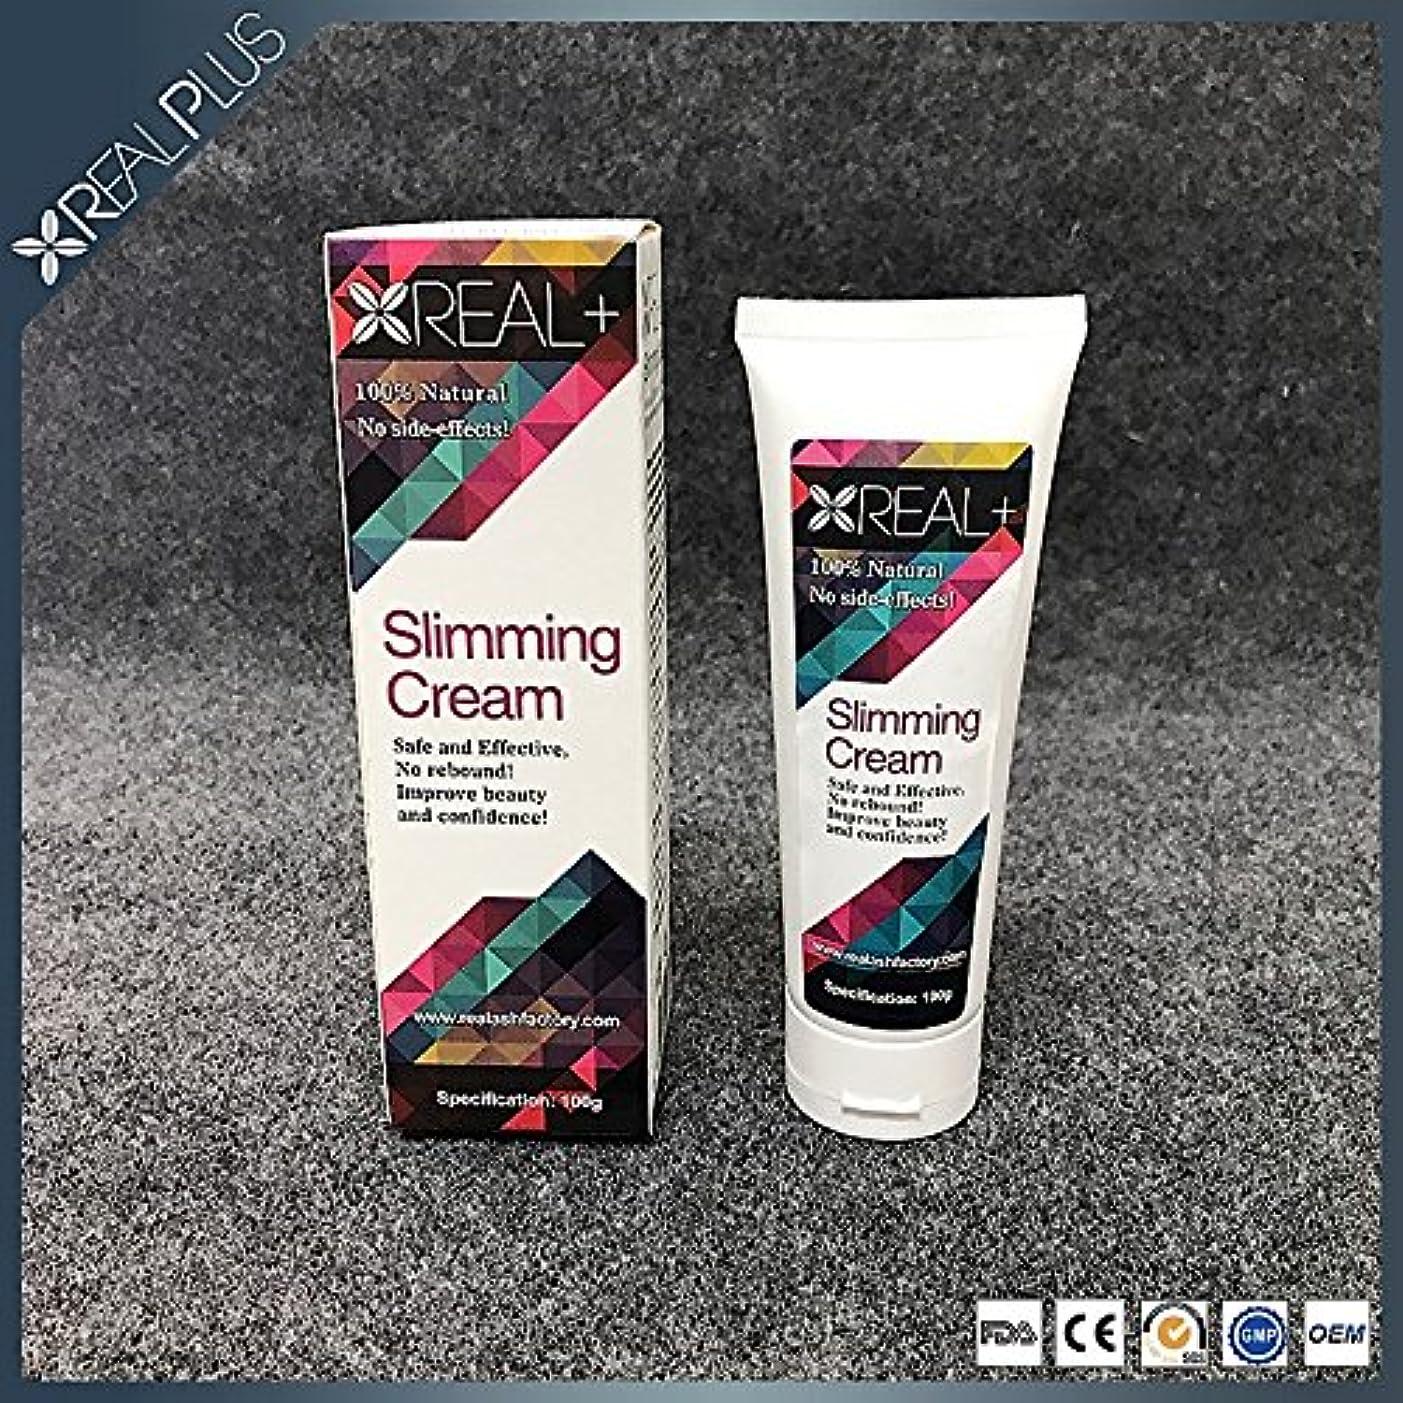 露骨な冷ややかな遠洋のOn Promotion - Real Plus slimming cream 100g 100% Natural No Side-effects [並行輸入品]